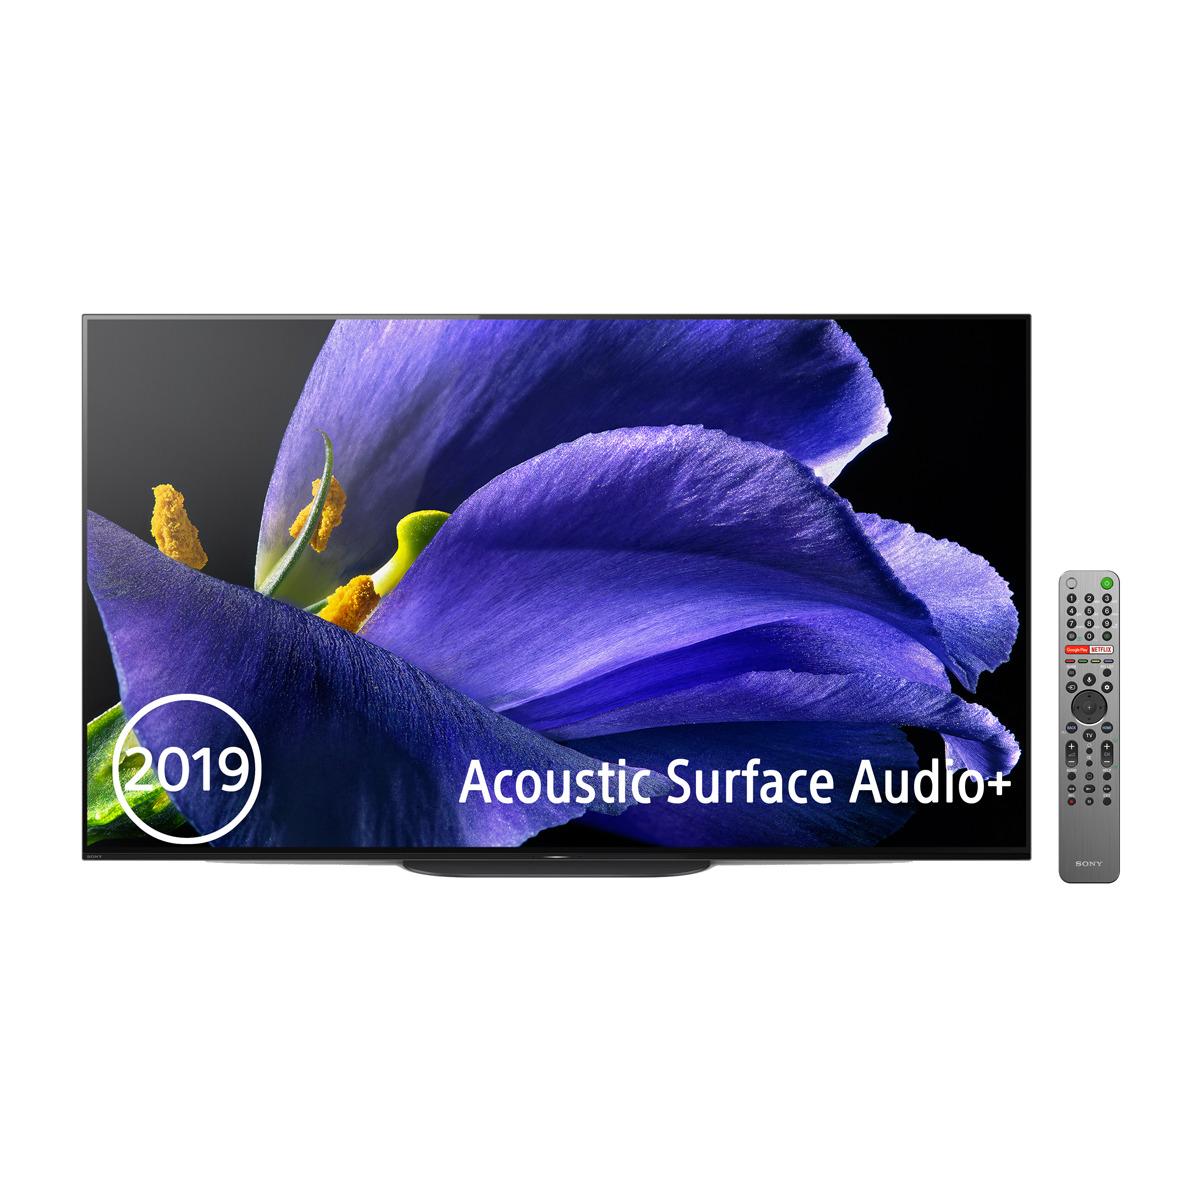 Sumérgente en el negro absoluto de la tecnología OLED con este televisor de 65 pulgadas con tecnología de sonido Acoustic Surface Audio+ y Android TV.